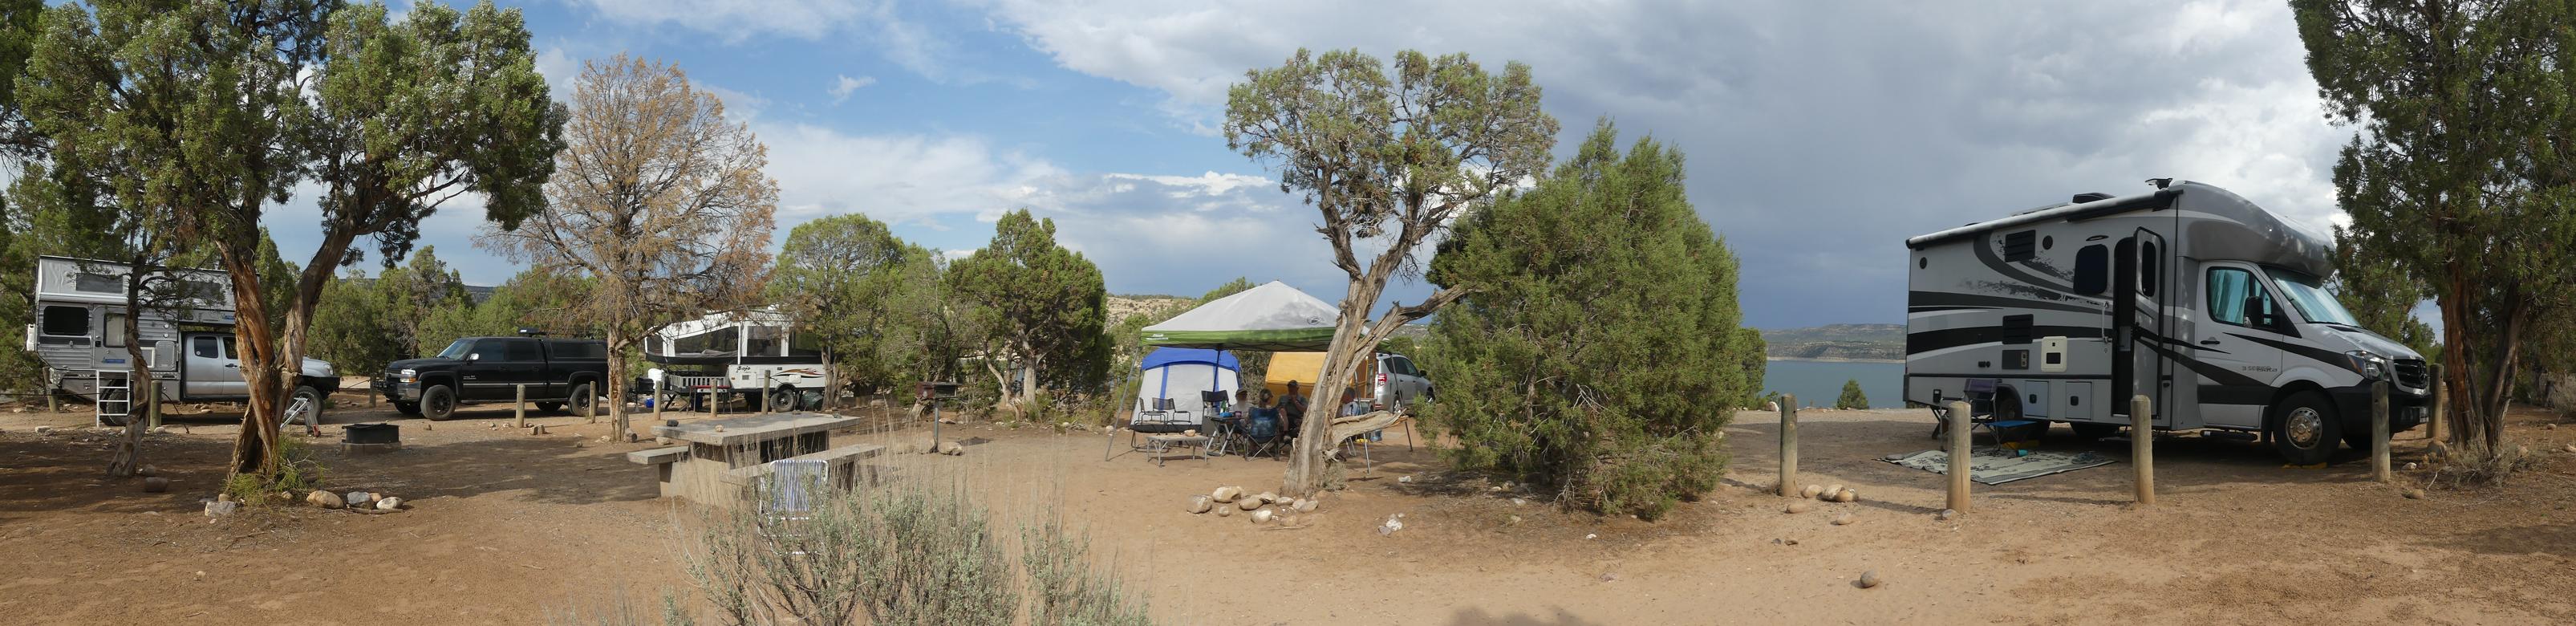 camping rigs at Navajo Lake